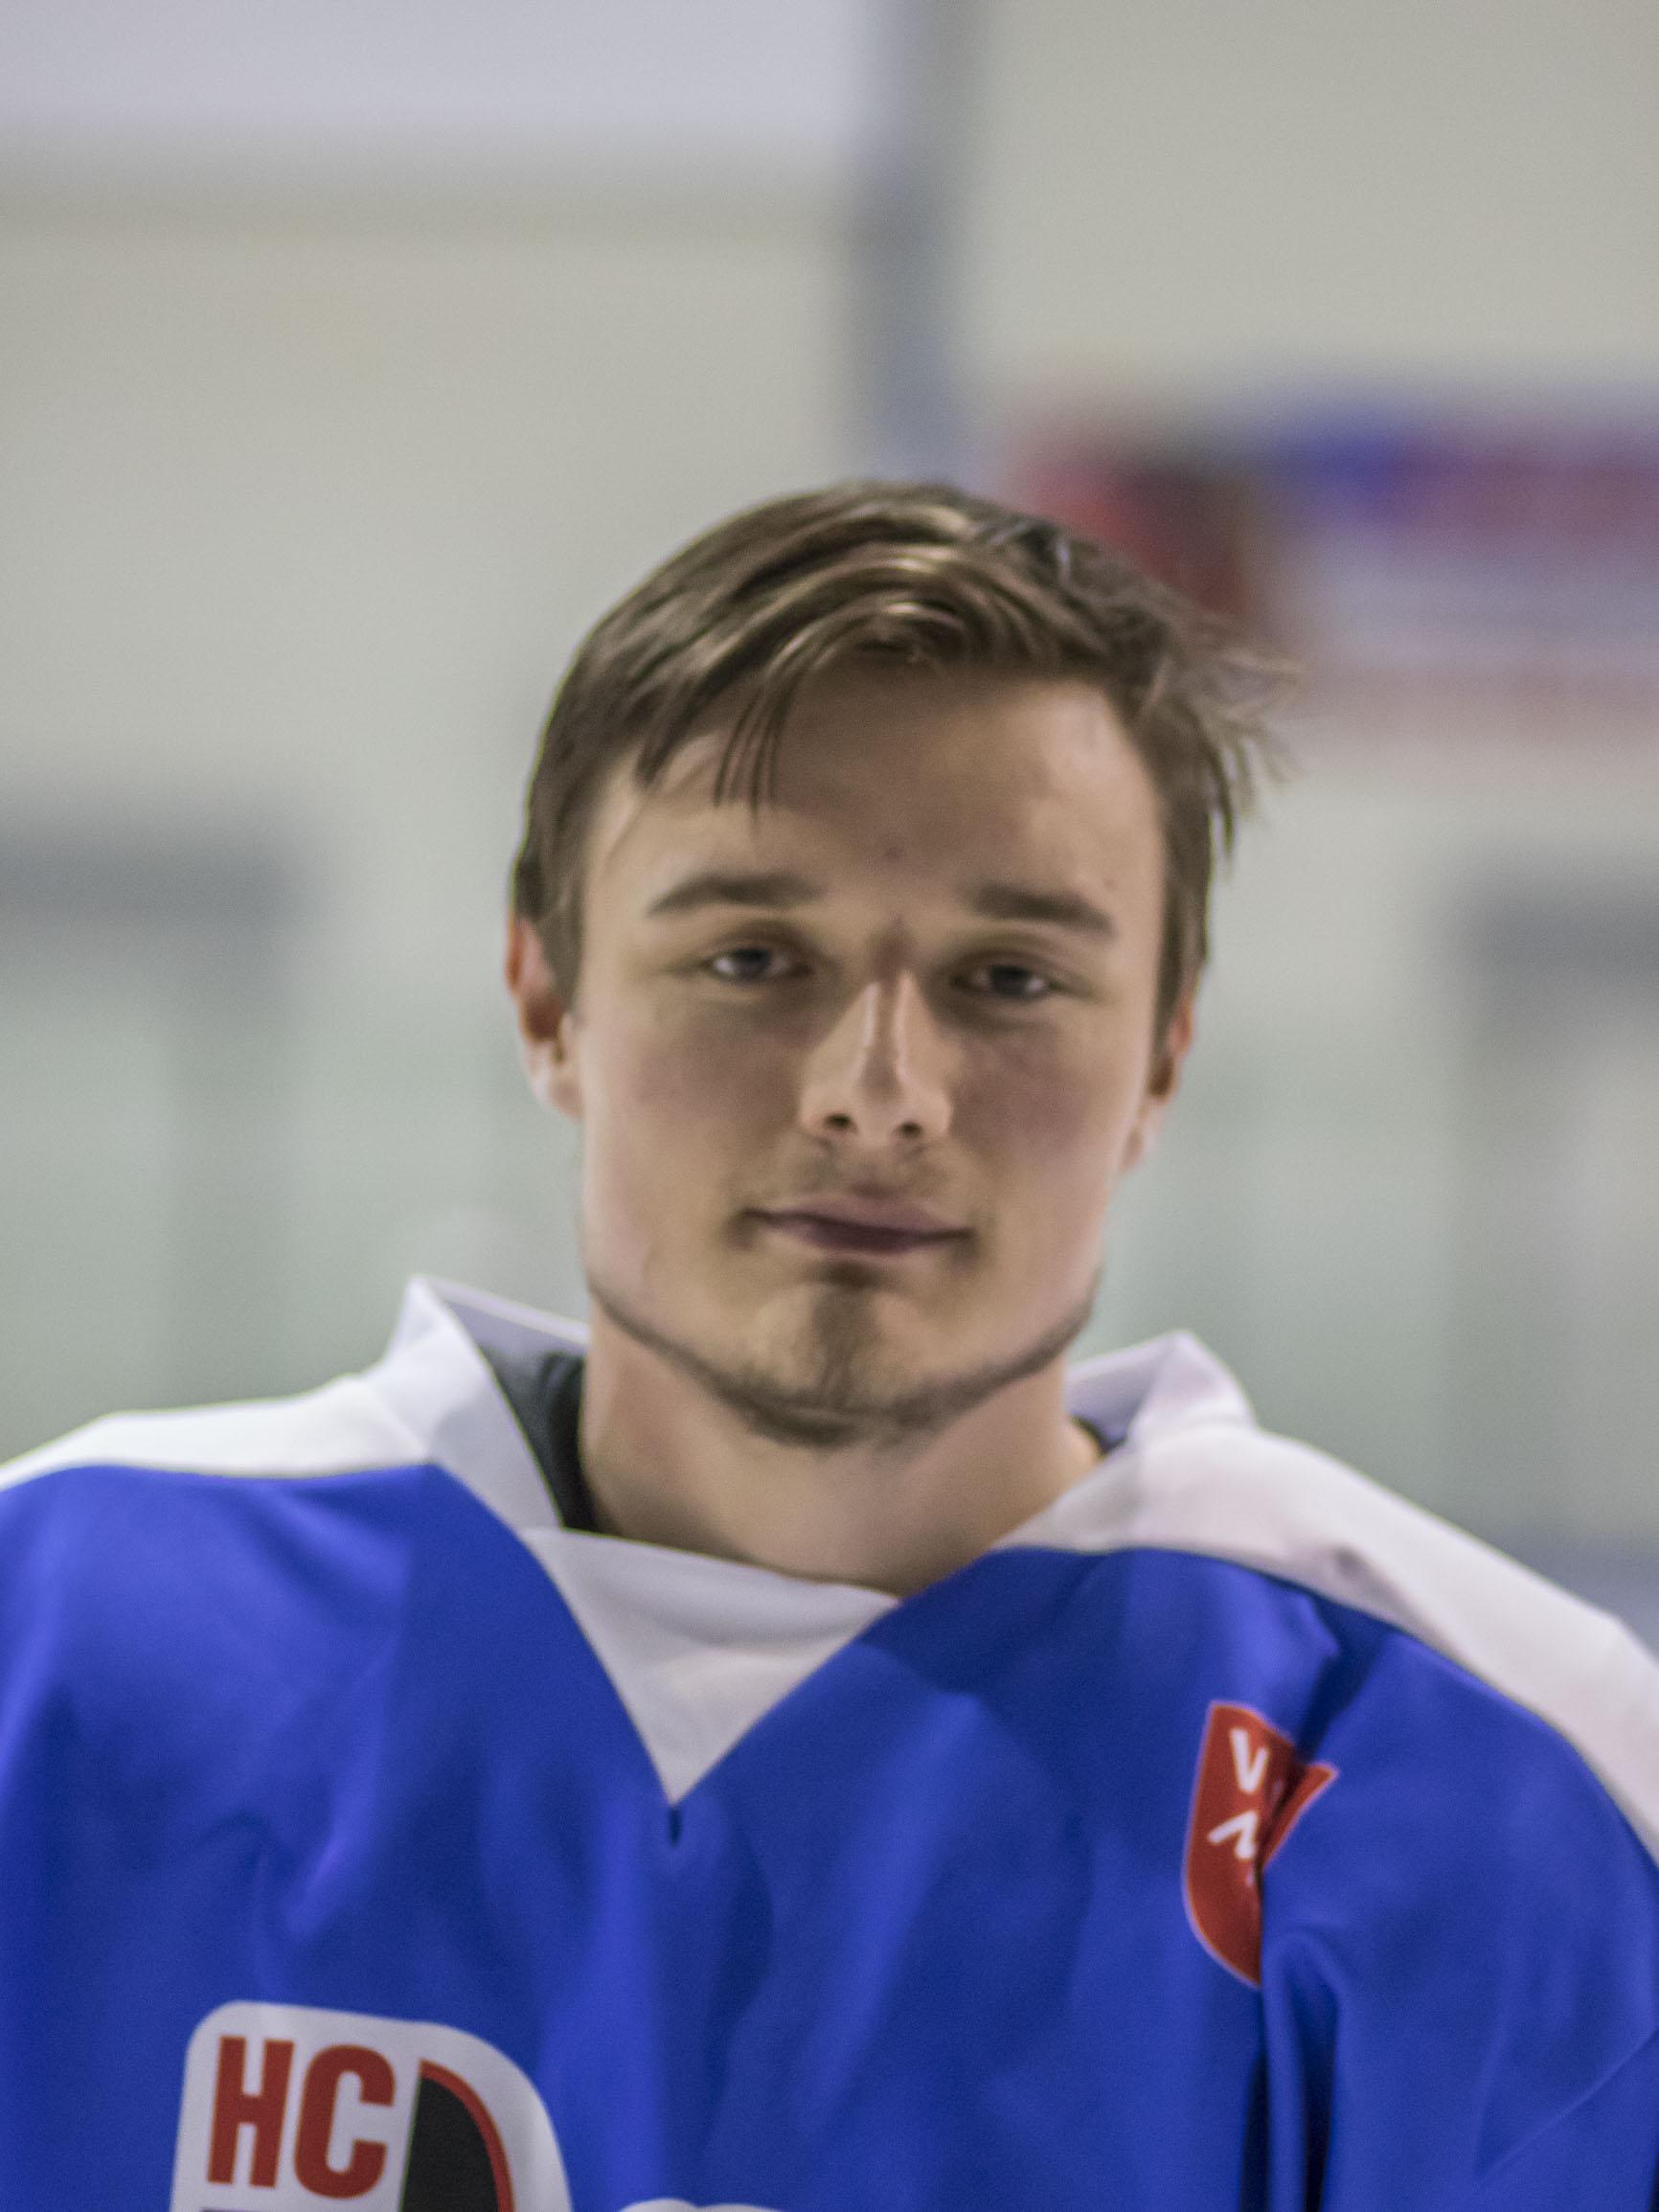 Vladimír Váòa #77